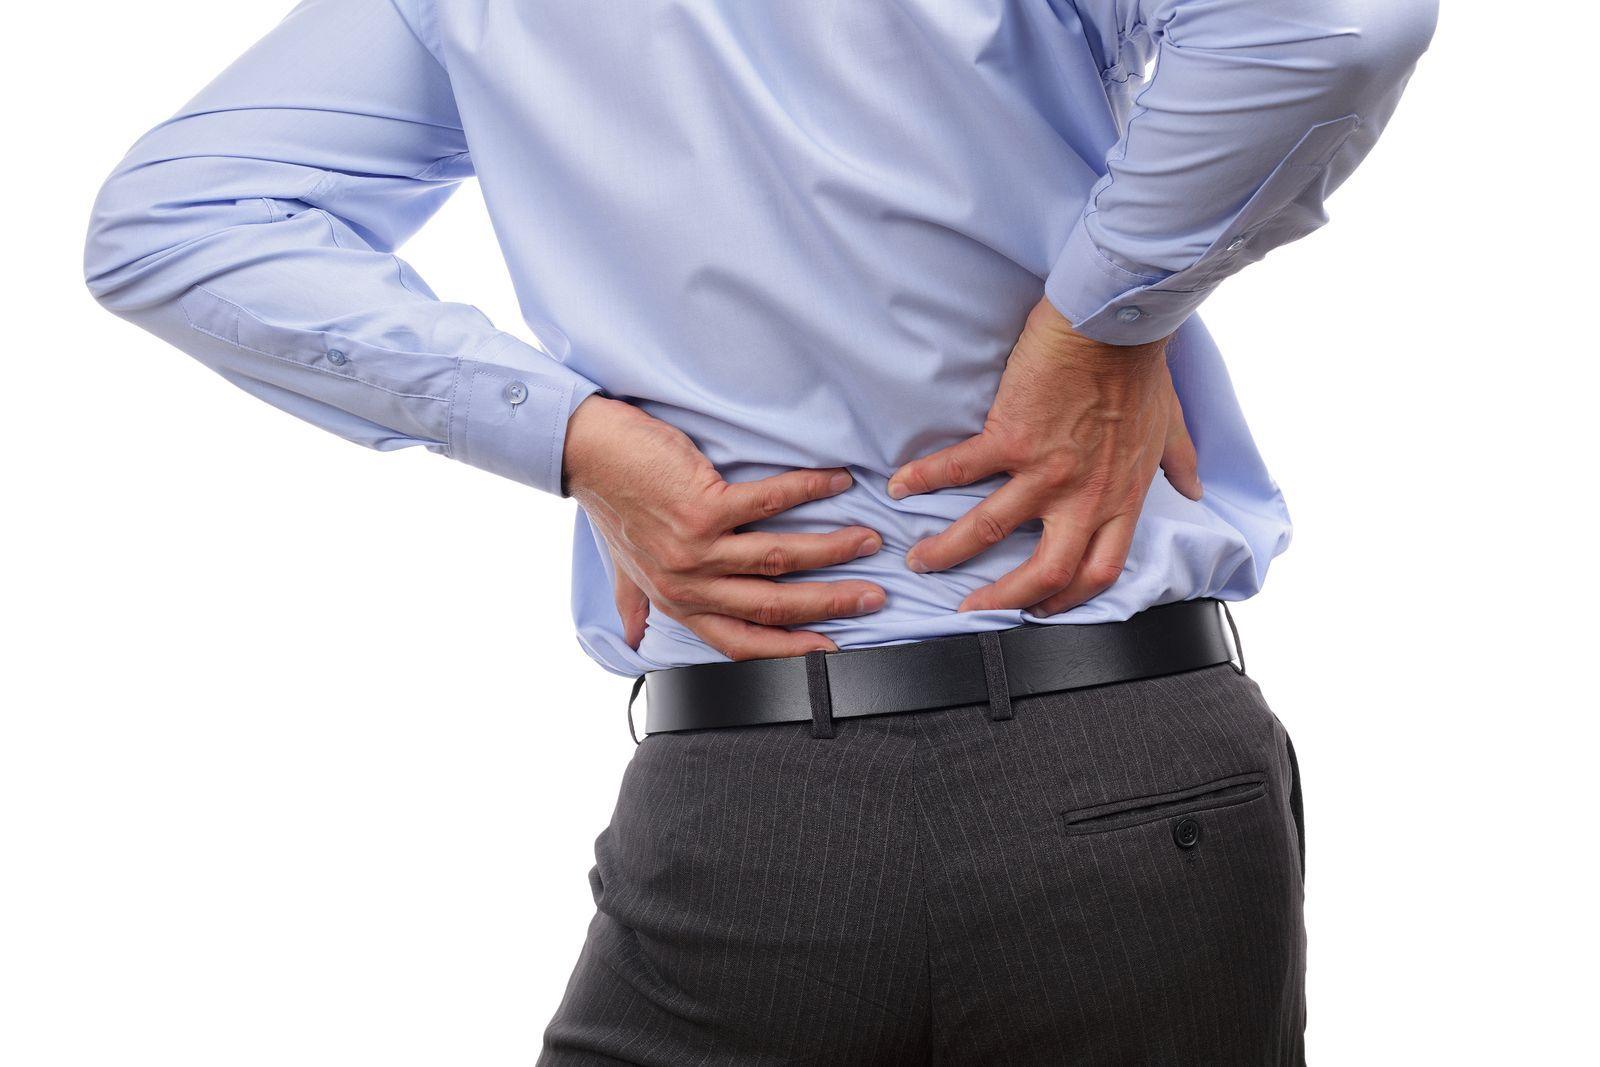 Mal di schiena: gli esercizi per alleviare il dolore [FOTO]